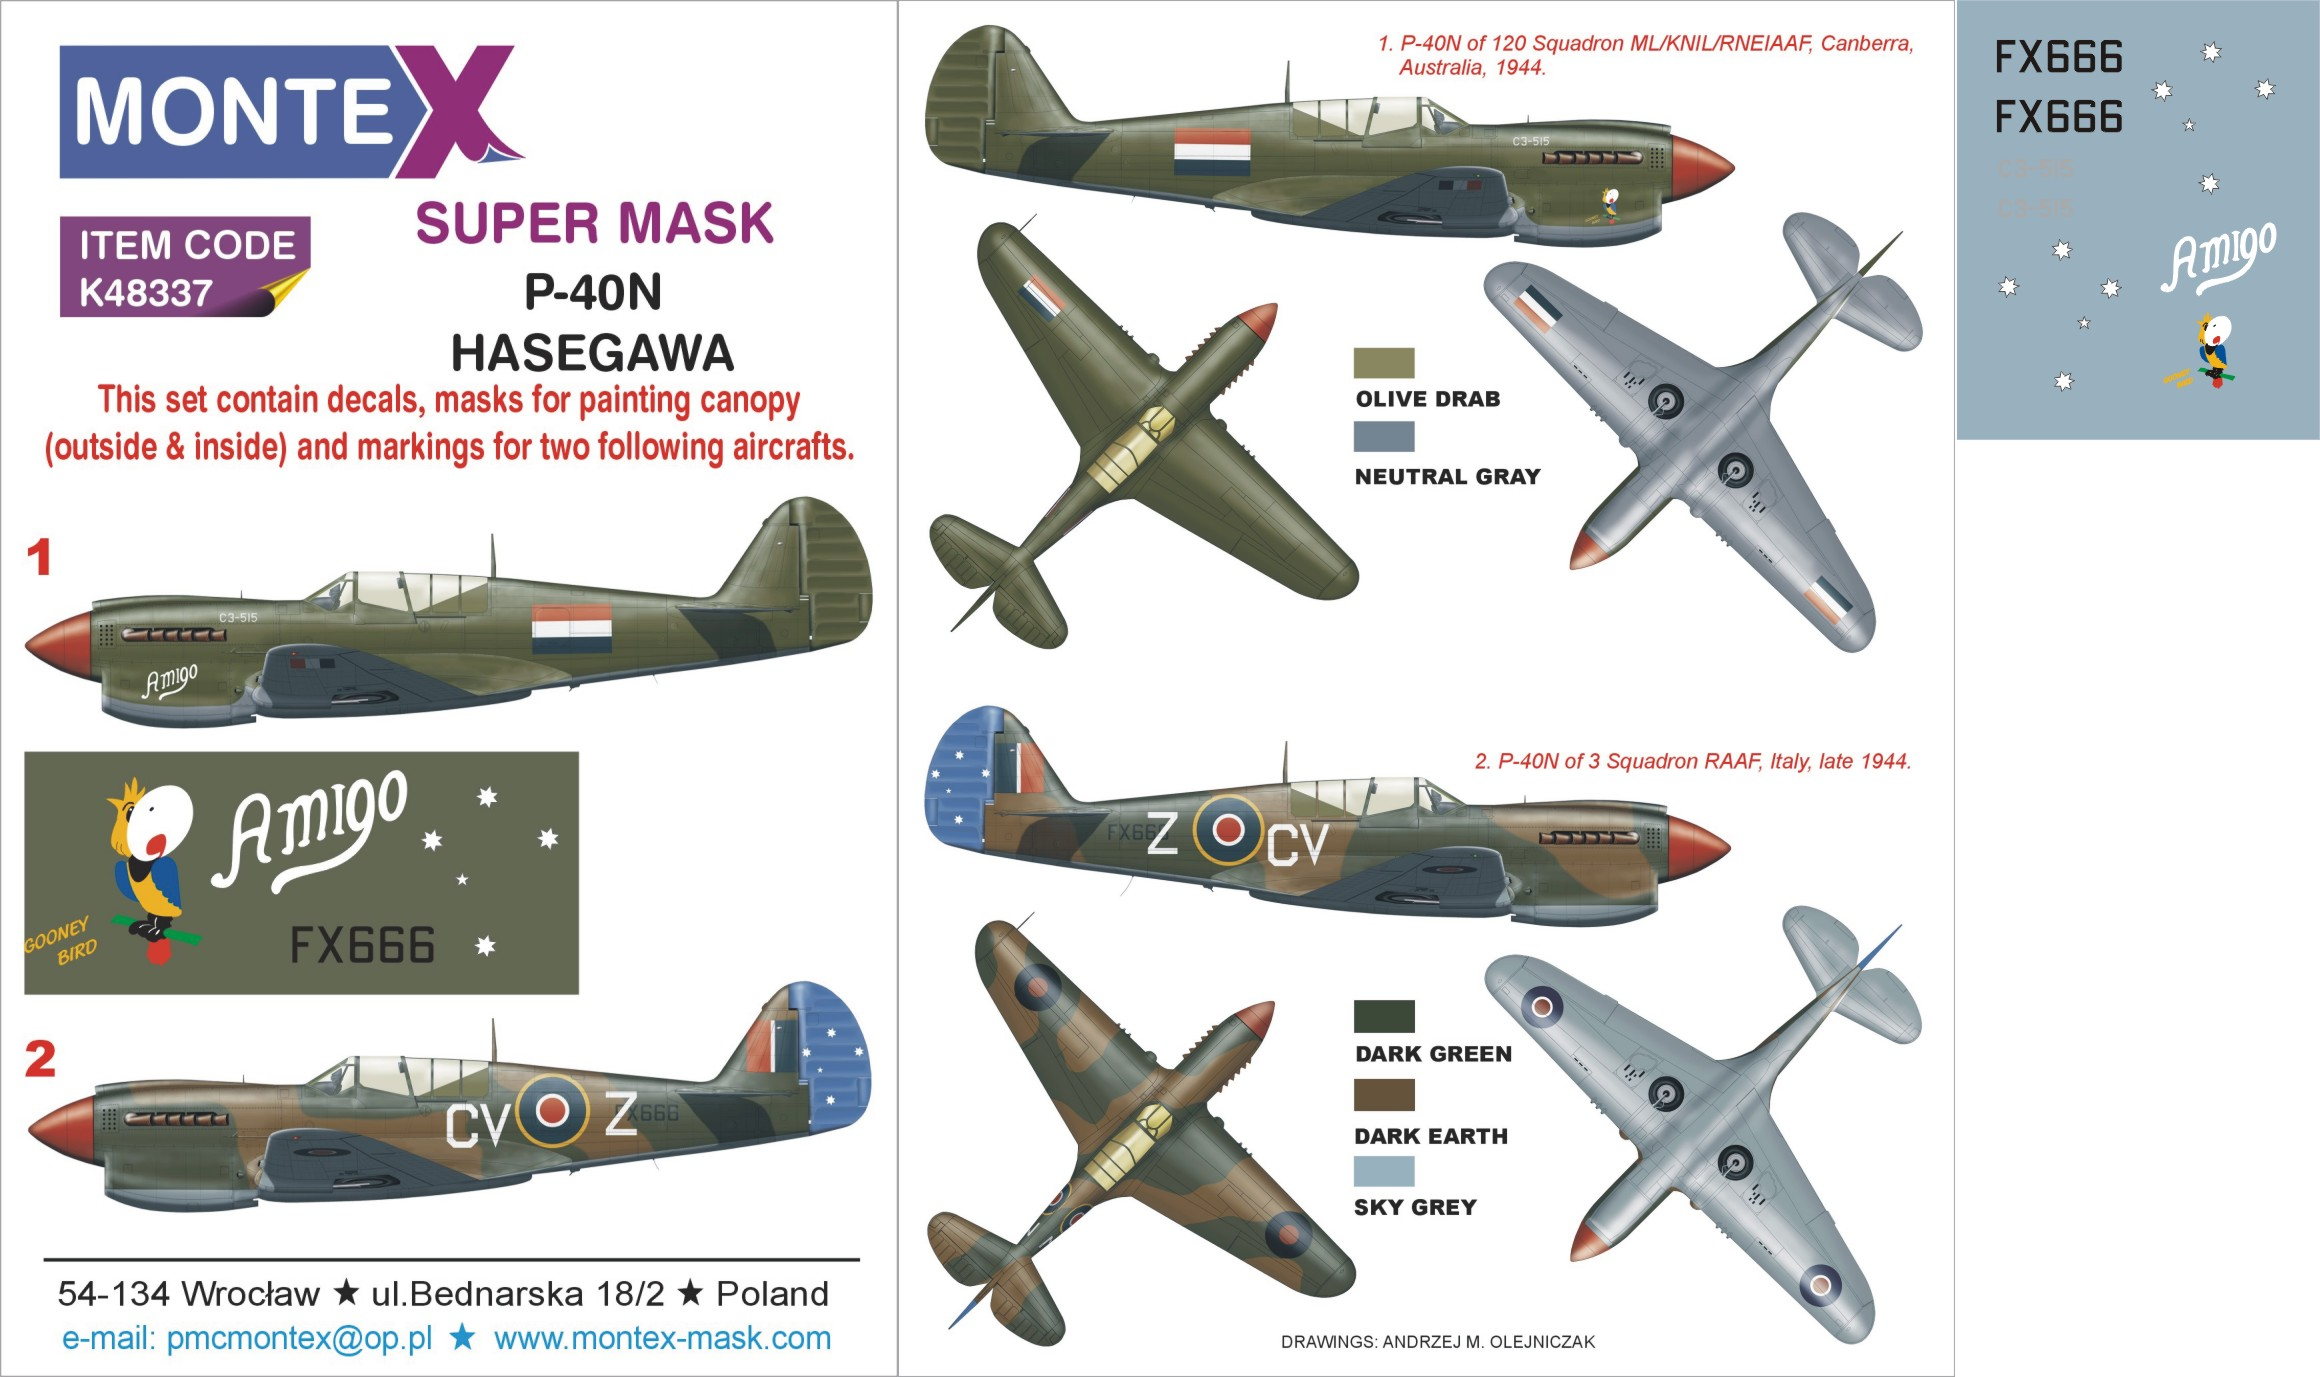 MXK48337